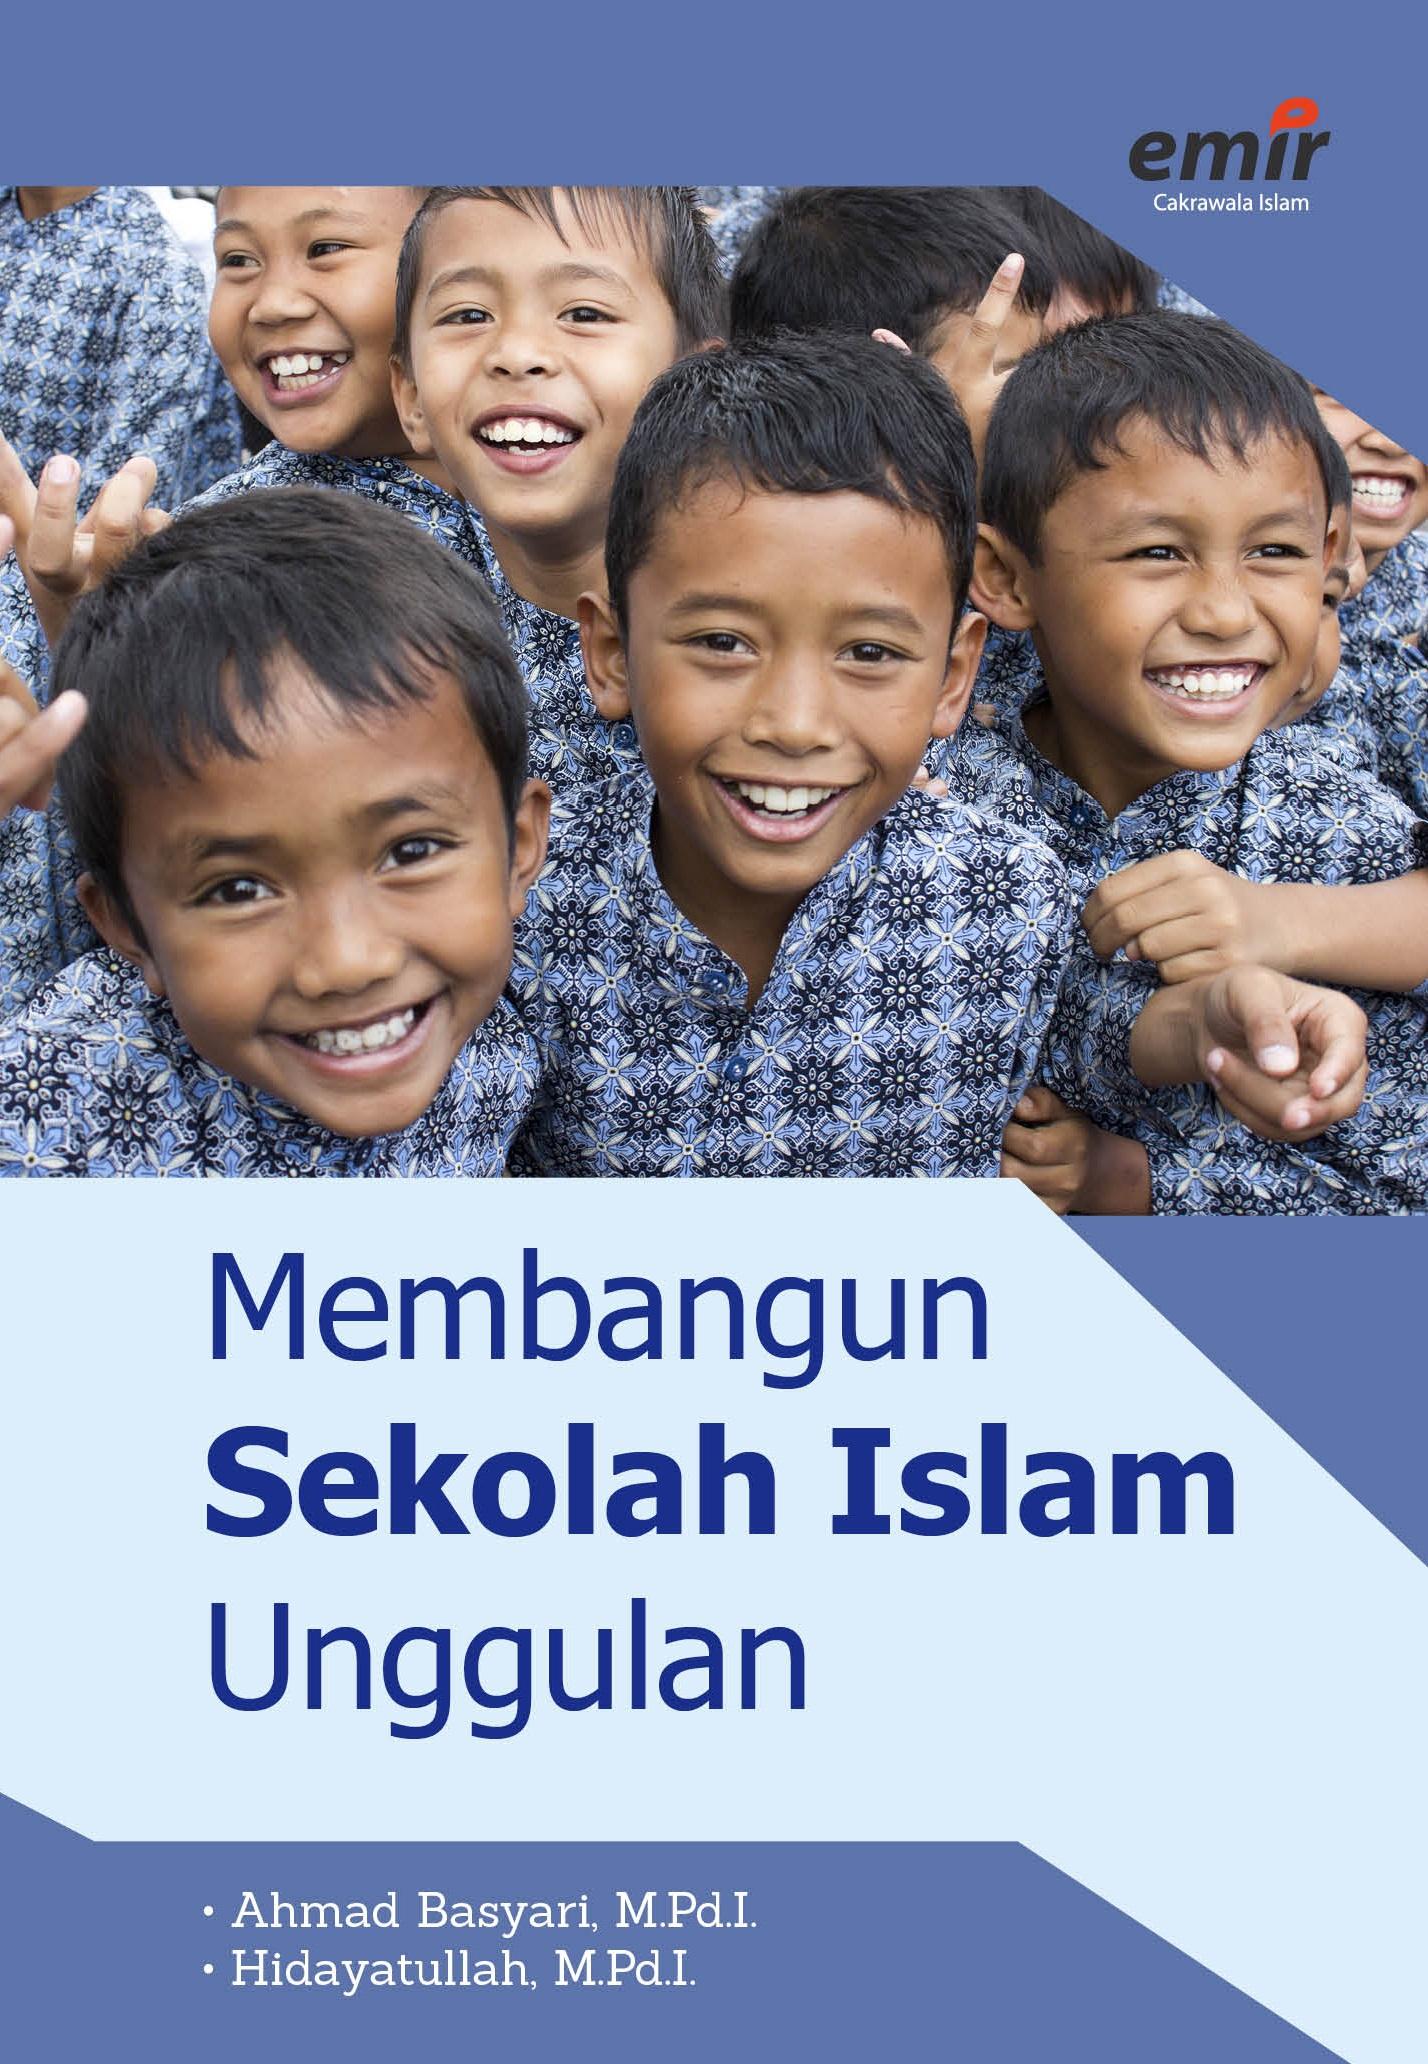 Membangun Sekolah Islam Unggulan